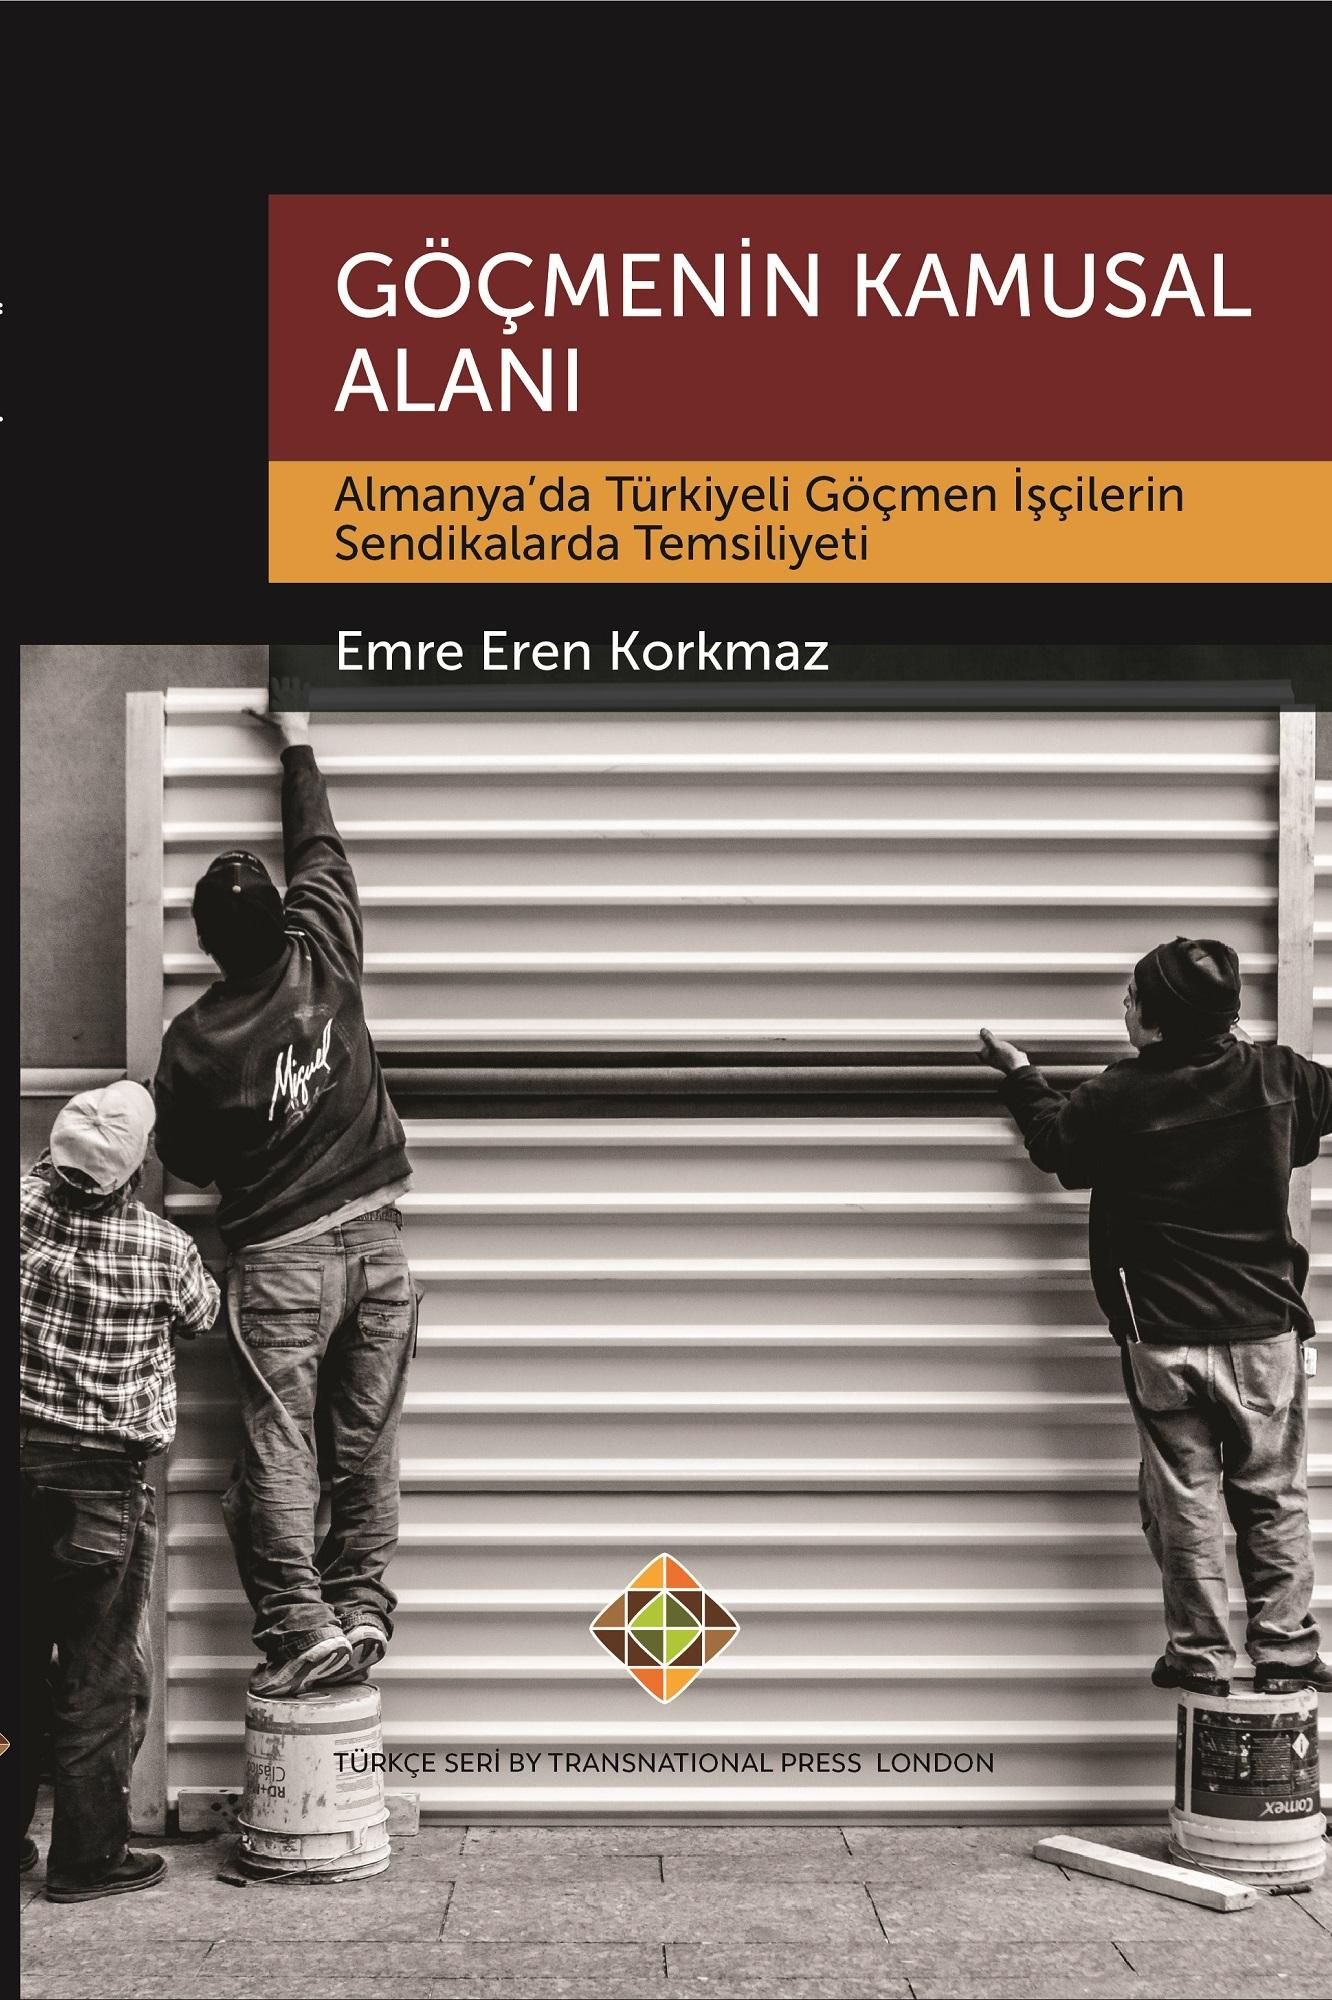 Göçmenin Kamusal Alanı Almanya'da Türkiyeli Göçmen İşçilerin Sendikalarda Temsiliyeti